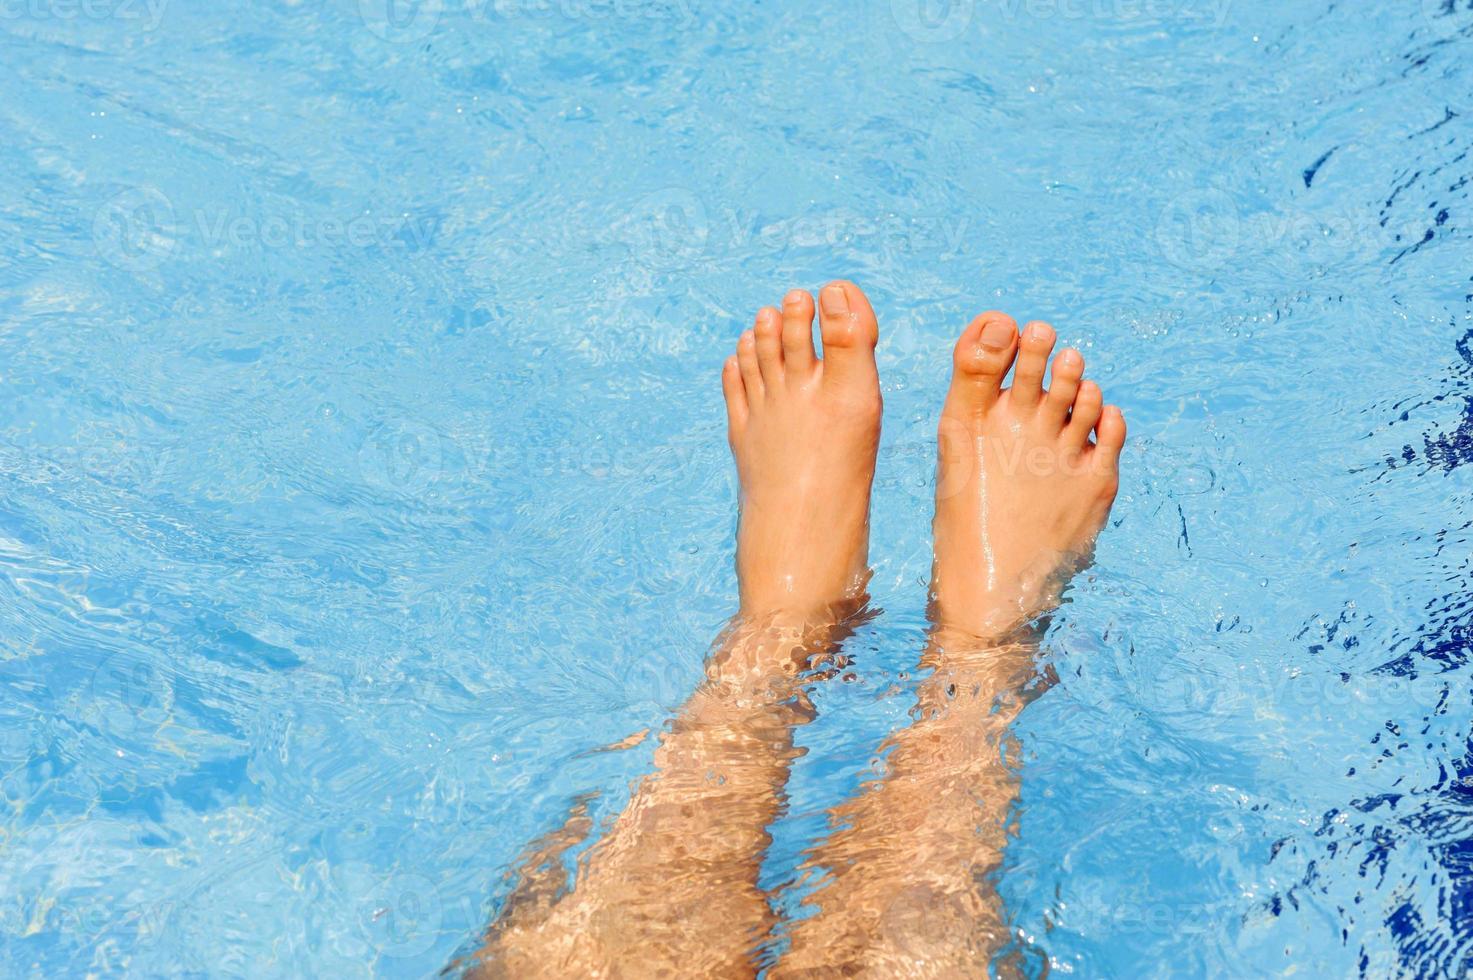 mannelijke voeten drijven op het water foto